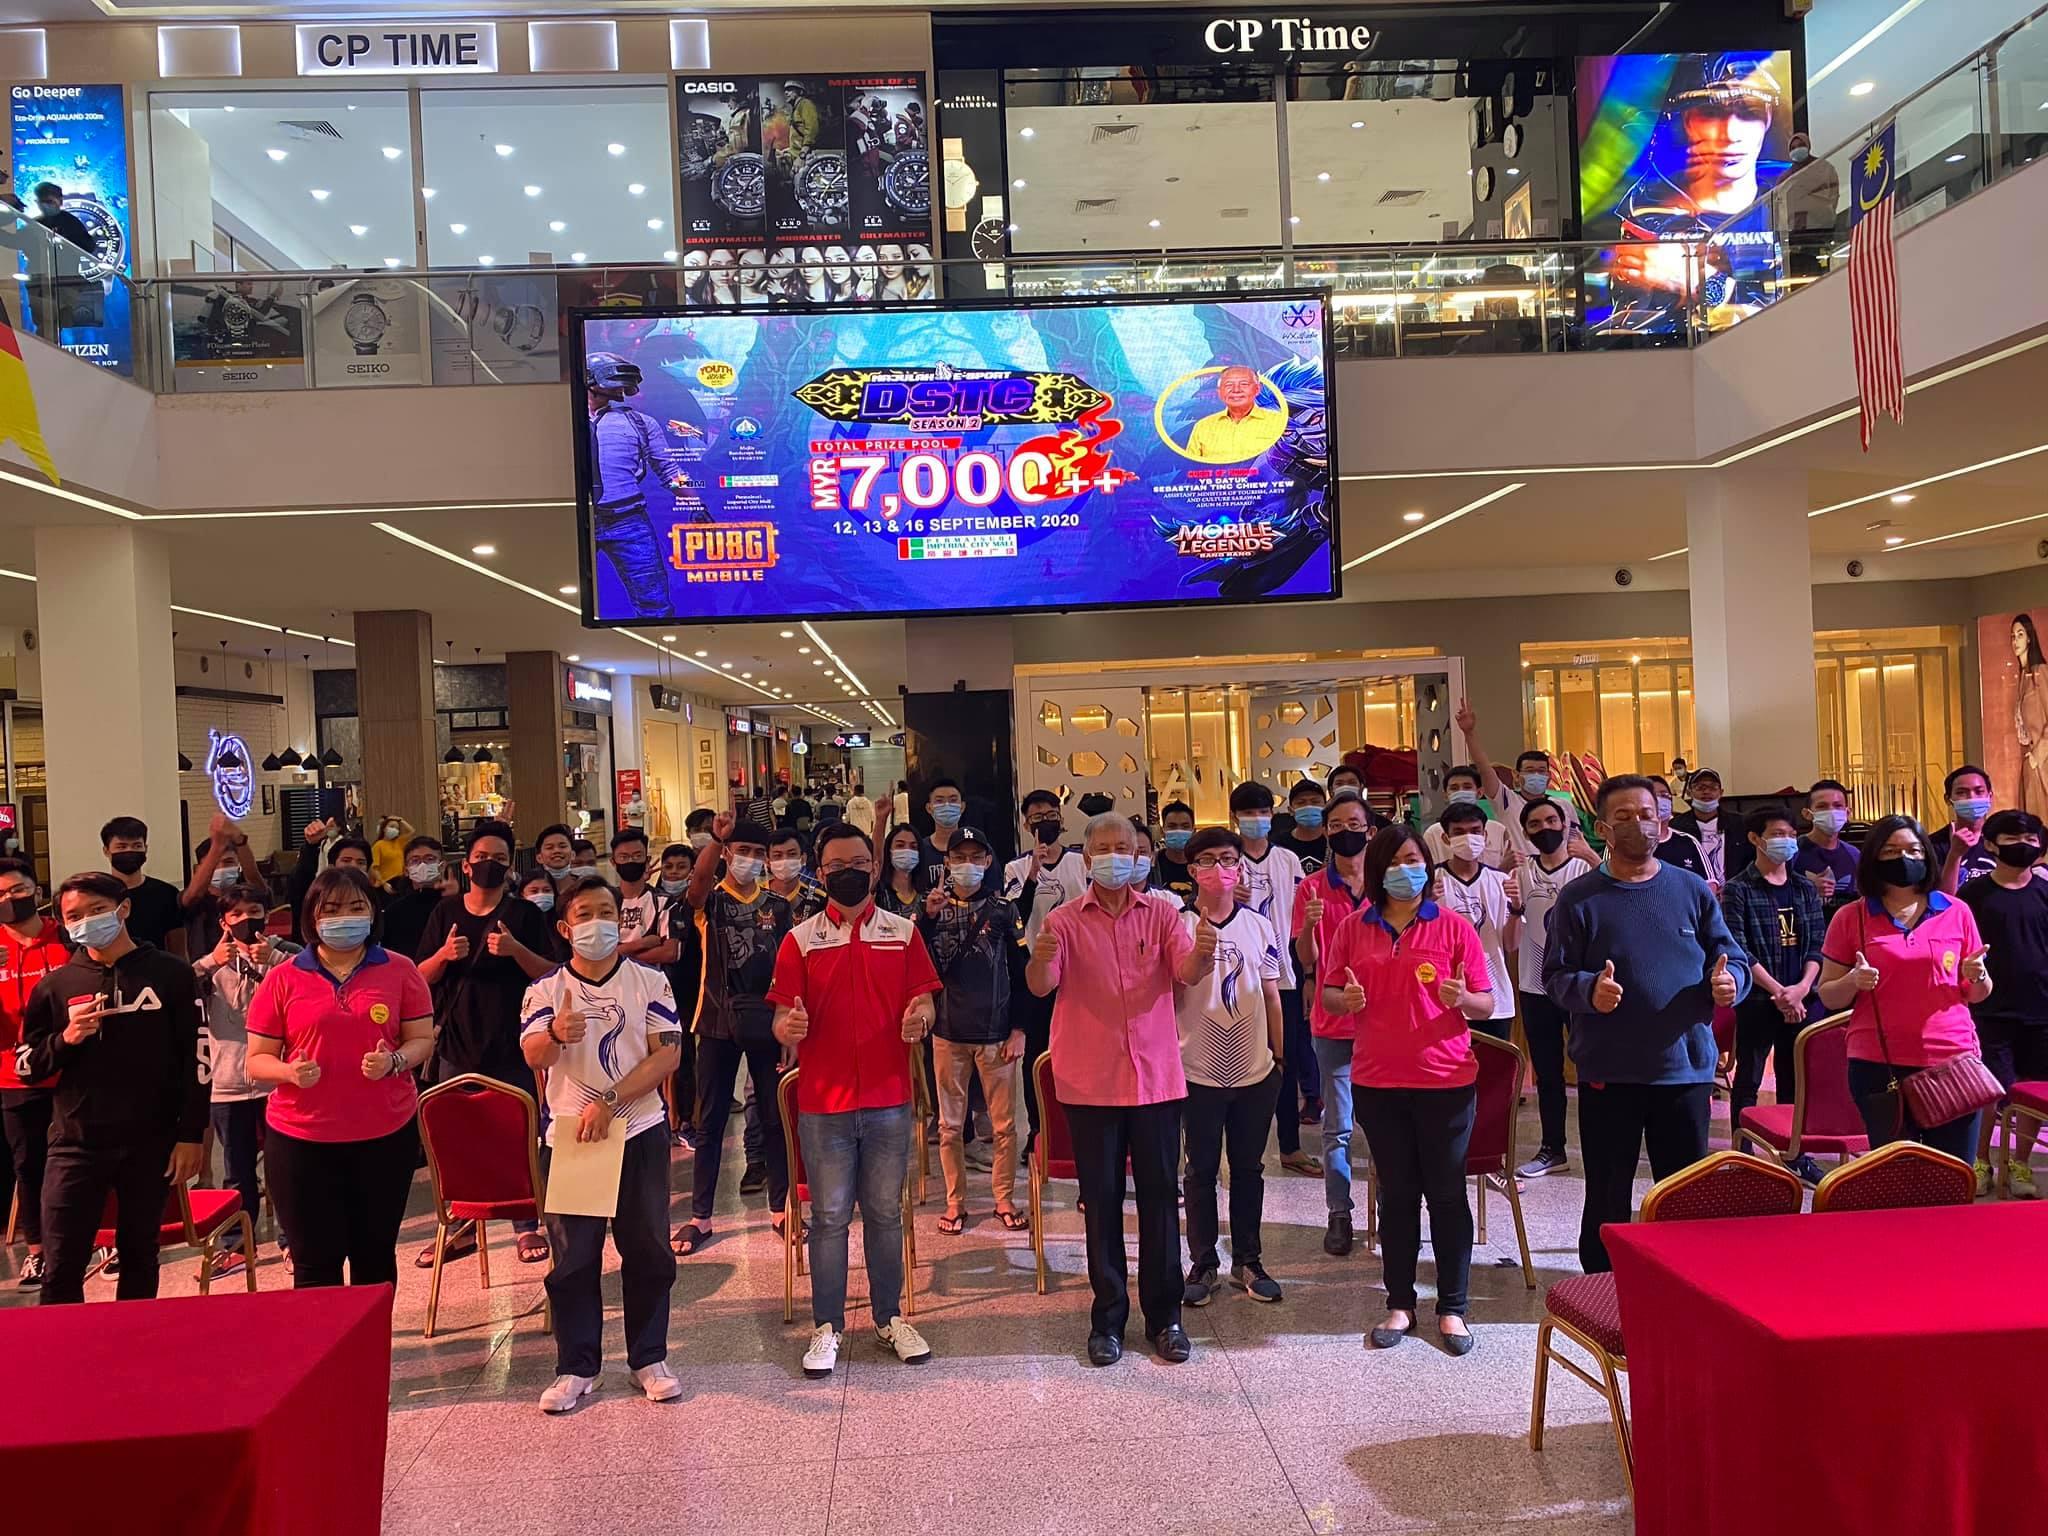 HIDUP ESPORTS SARAWAK!   Malaysia mempunyai hari-hari yang istimewa seperti 31 O…